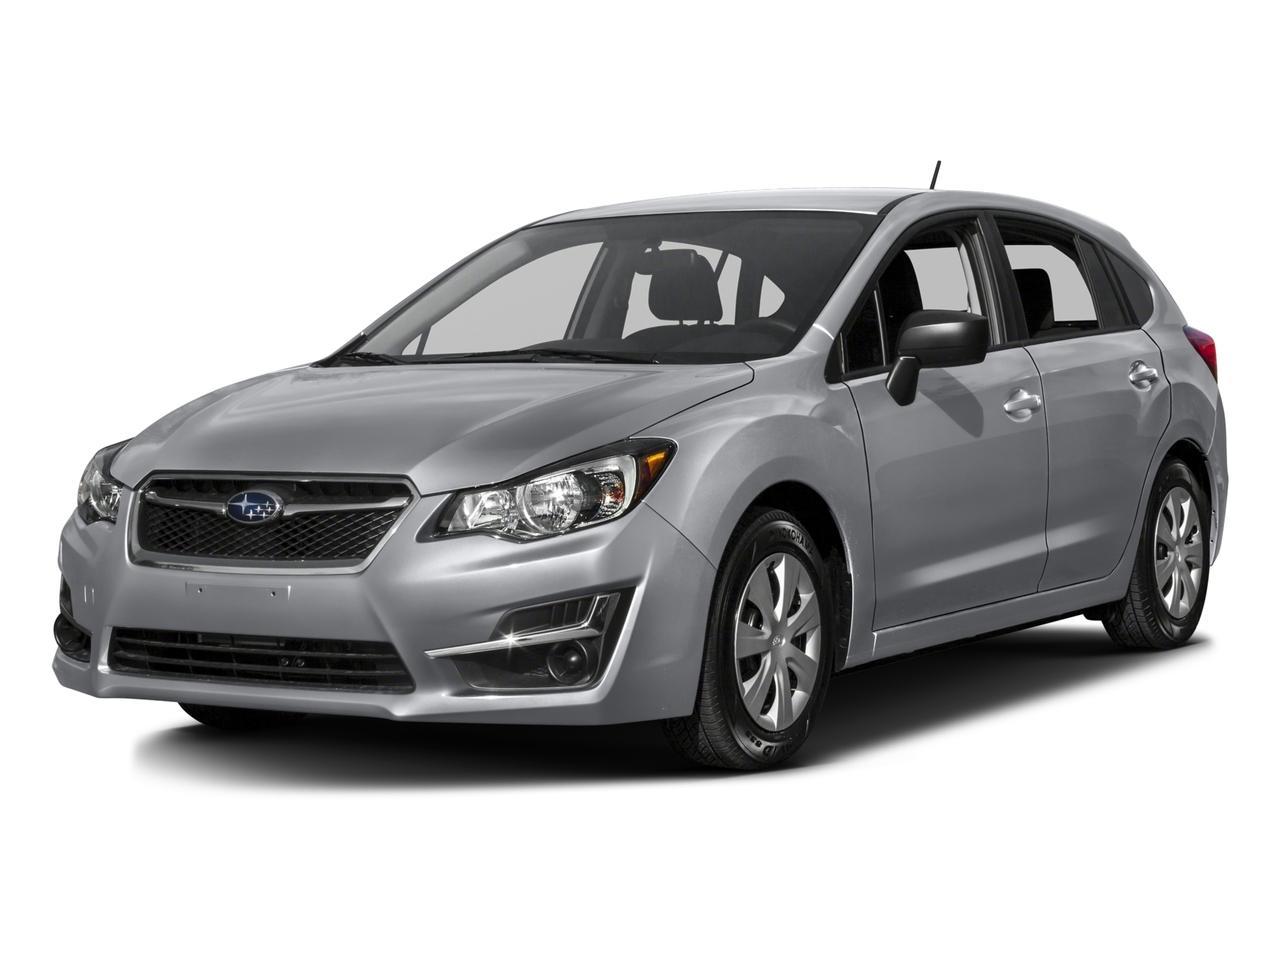 2016 Subaru Impreza Wagon Vehicle Photo in Novato, CA 94945